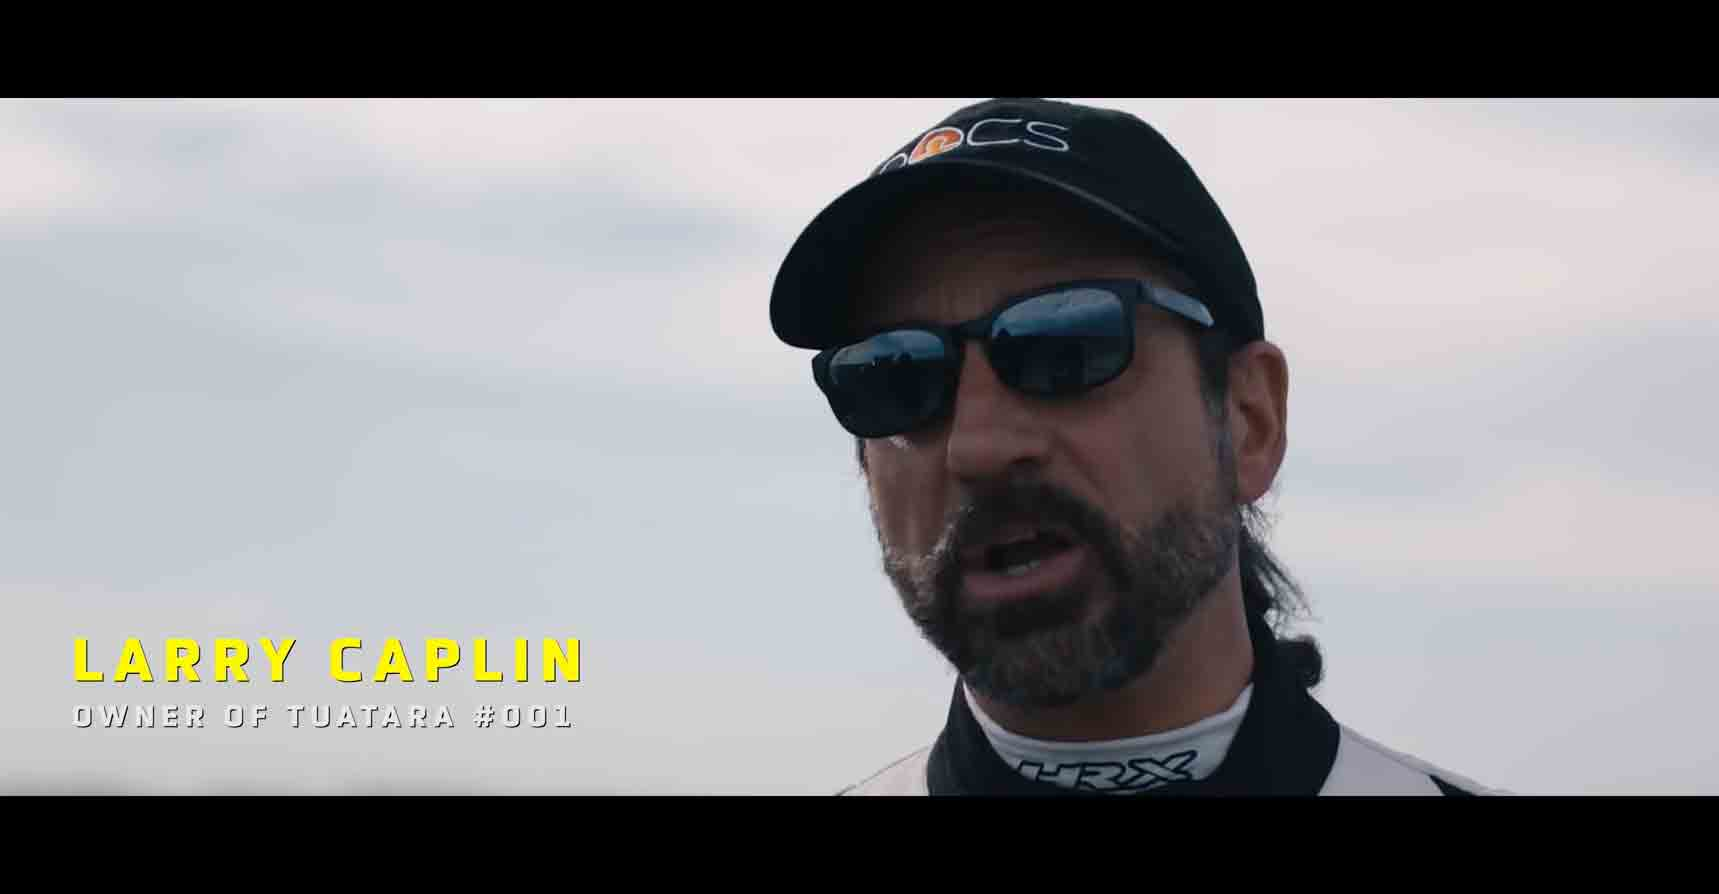 Dr. Larry Caplin, um cliente SSC pilotou o carro que bateu o recorde.  Foto: reprodução Youtube